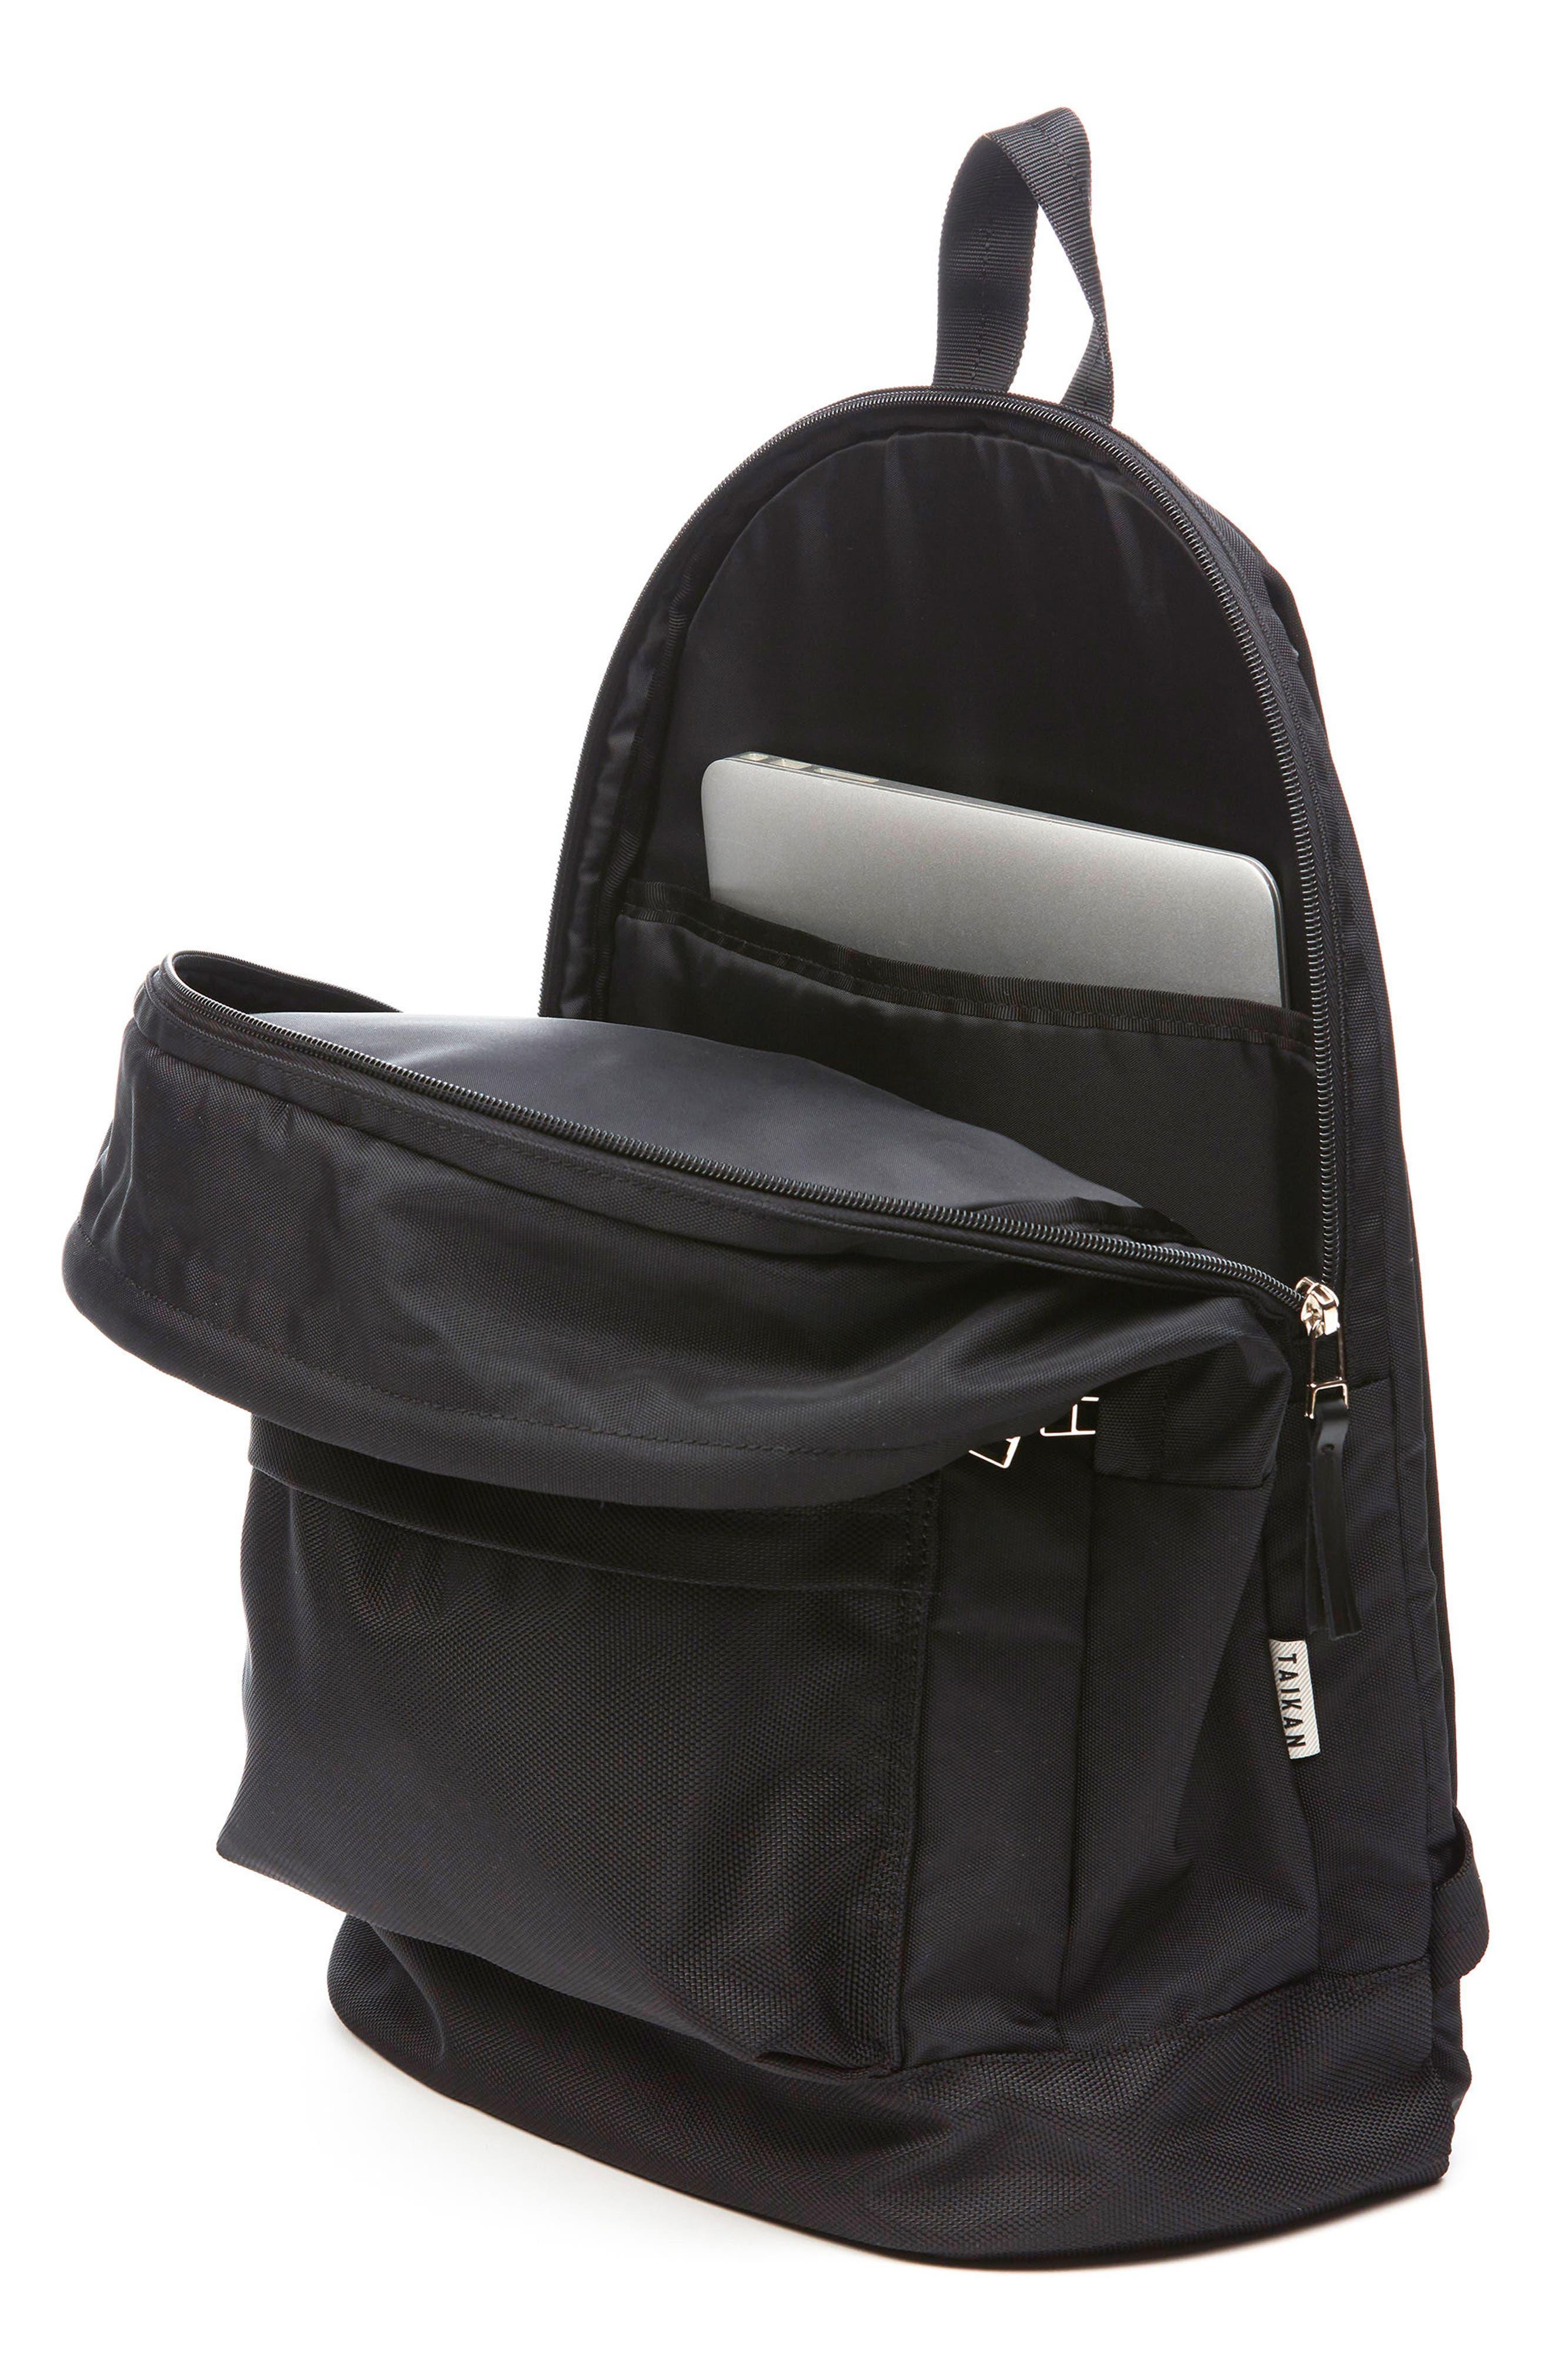 Lancer Backpack,                             Alternate thumbnail 3, color,                             MATTE BLACK